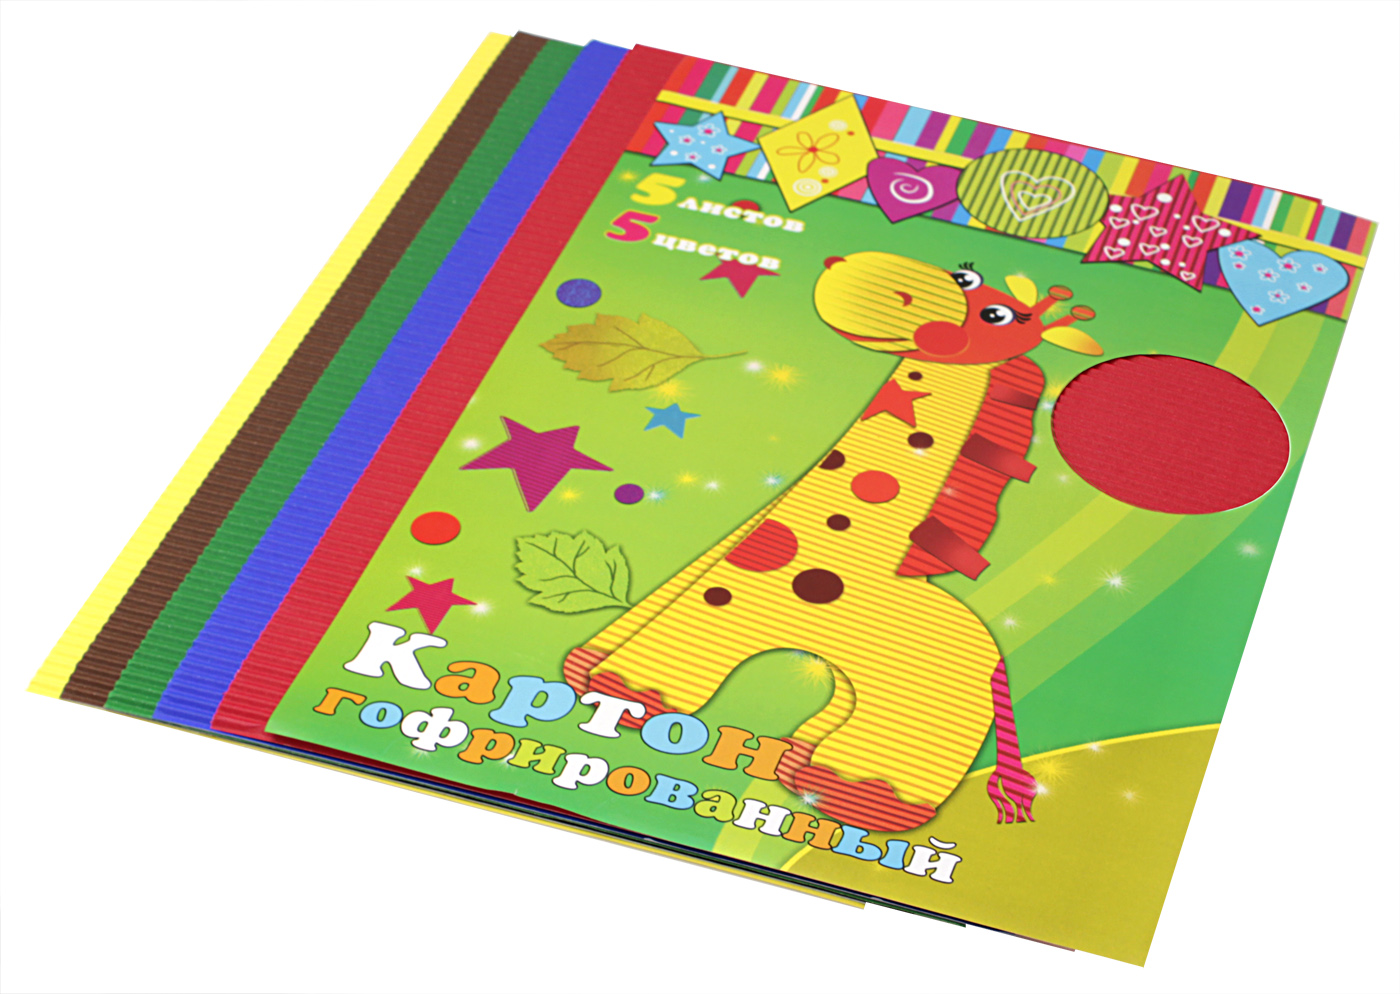 Феникс+ Гофрированный цветной картон 5 листов0911241Набор гофрированного цветного картона Феникс+ позволит создавать всевозможные аппликации и поделки. Набор включает 5 листов гофрированного двухстороннего картона формата А4. Цвета в наборе: малиновый, оранжевый, желтый, зеленый, синий.Гофрированный картон может использоваться для упаковки, поделок, декорирования и других видов творчества. Толщина картона: 1 мм.